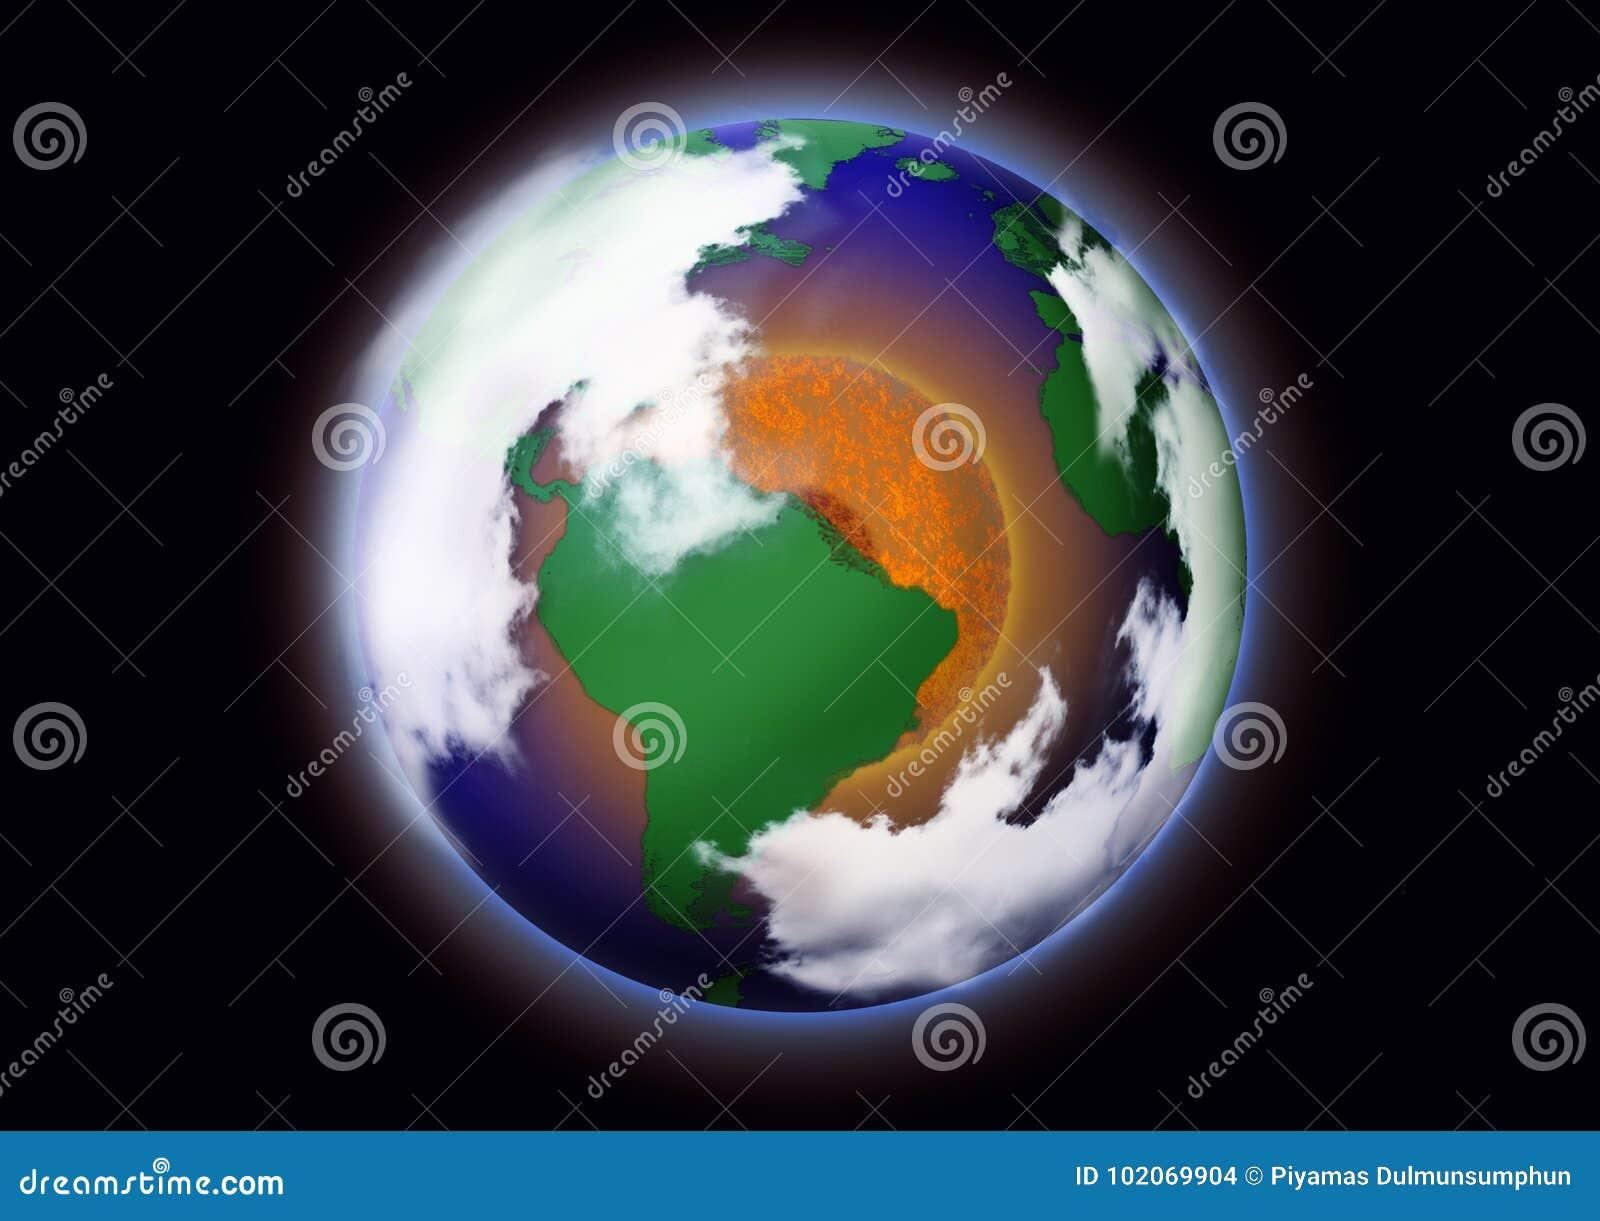 Globalne ocieplenie pojęcia Obrazek ziemia z czerwonym okręgiem